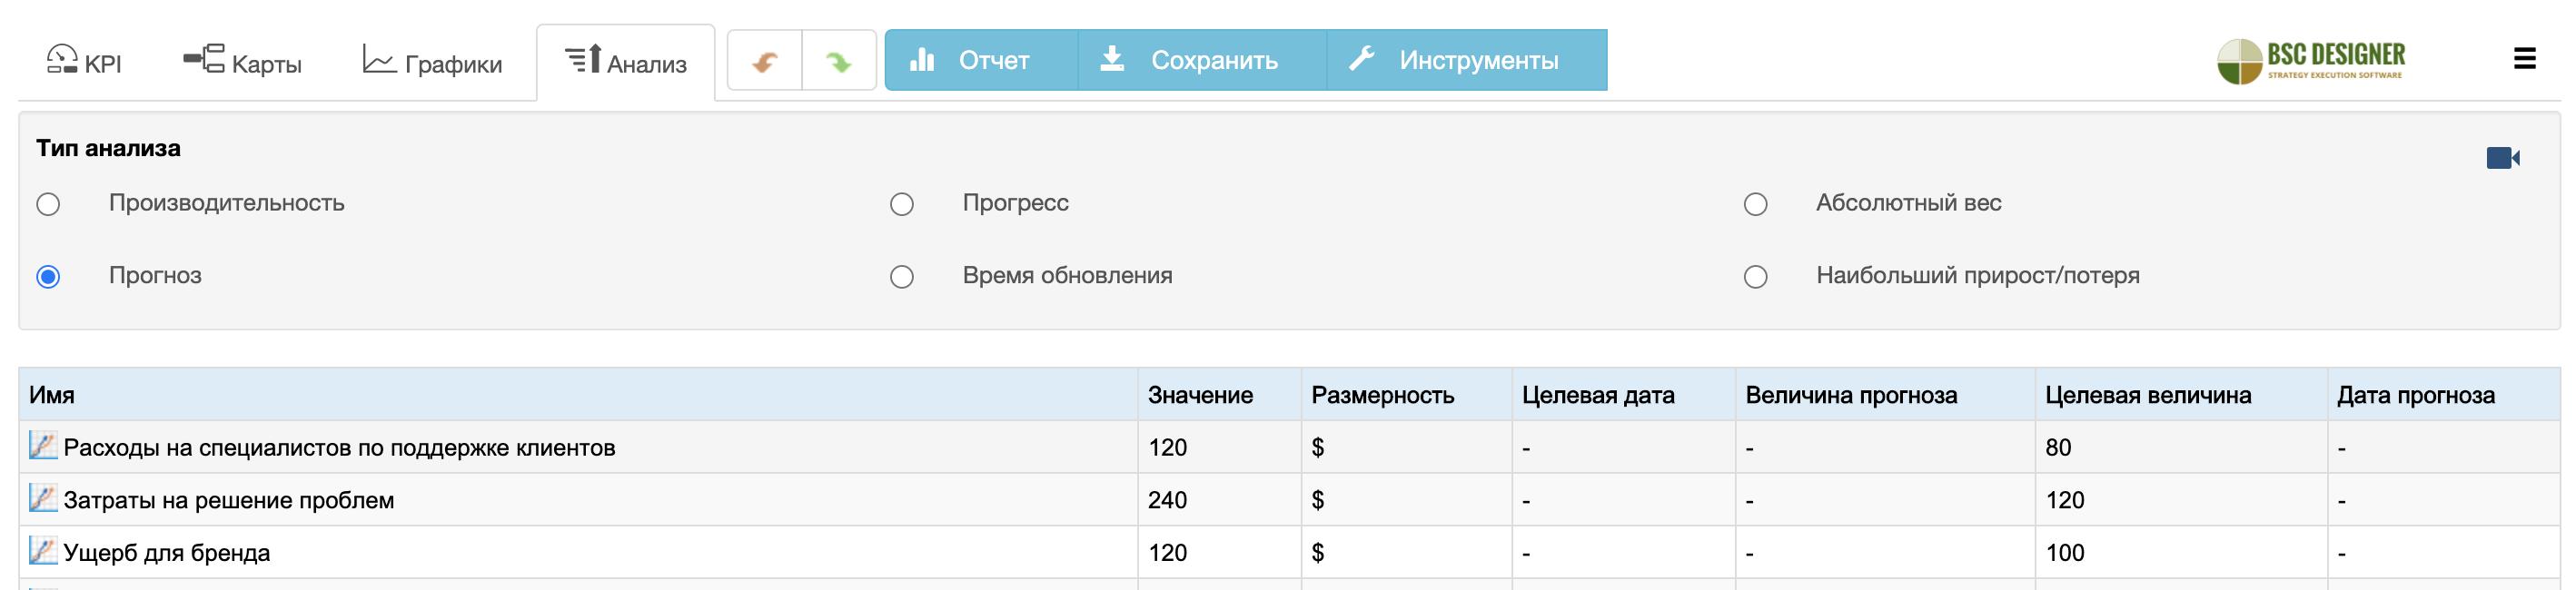 Анализ системы показателей в BSC Designer